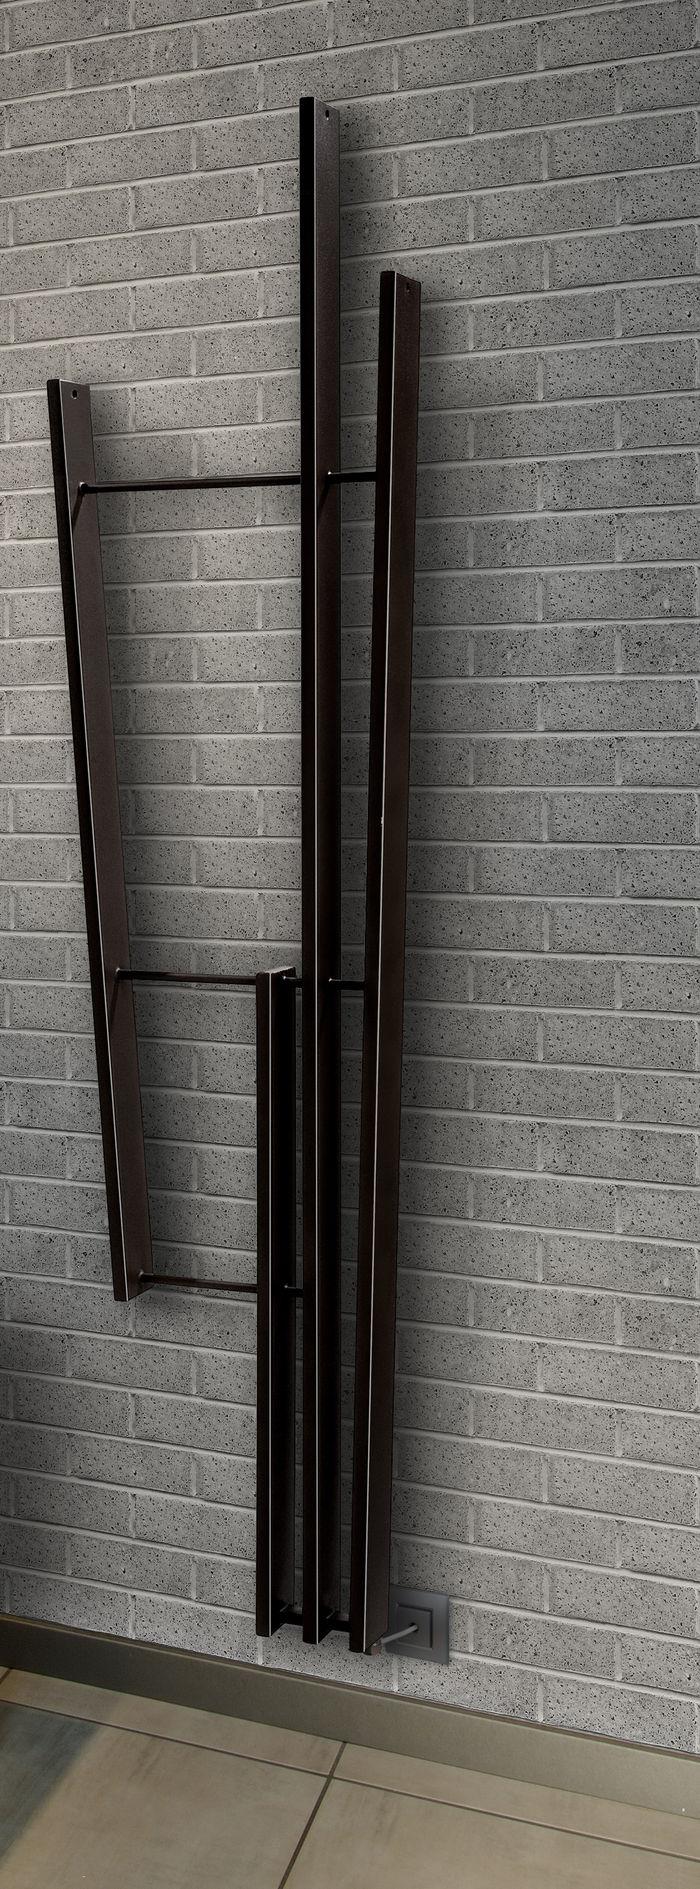 Radiatori elettrici per il riscaldamento di design a mestre venezia - Radiatori elettrici per bagno ...